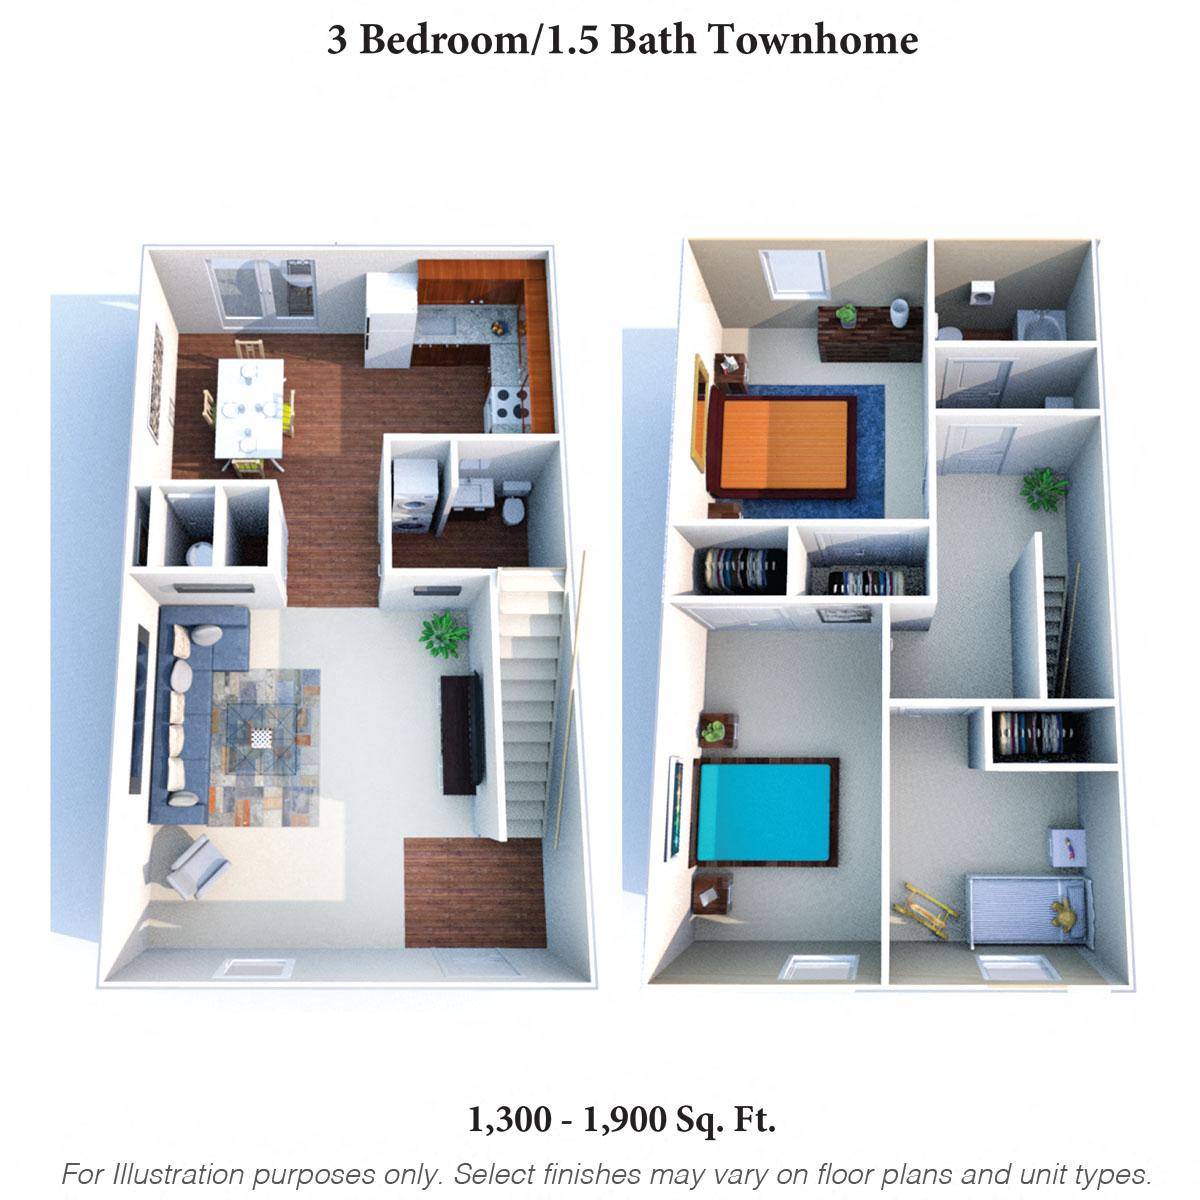 3 Bedroom 1.5 Bath Townhome Floor Plan 2